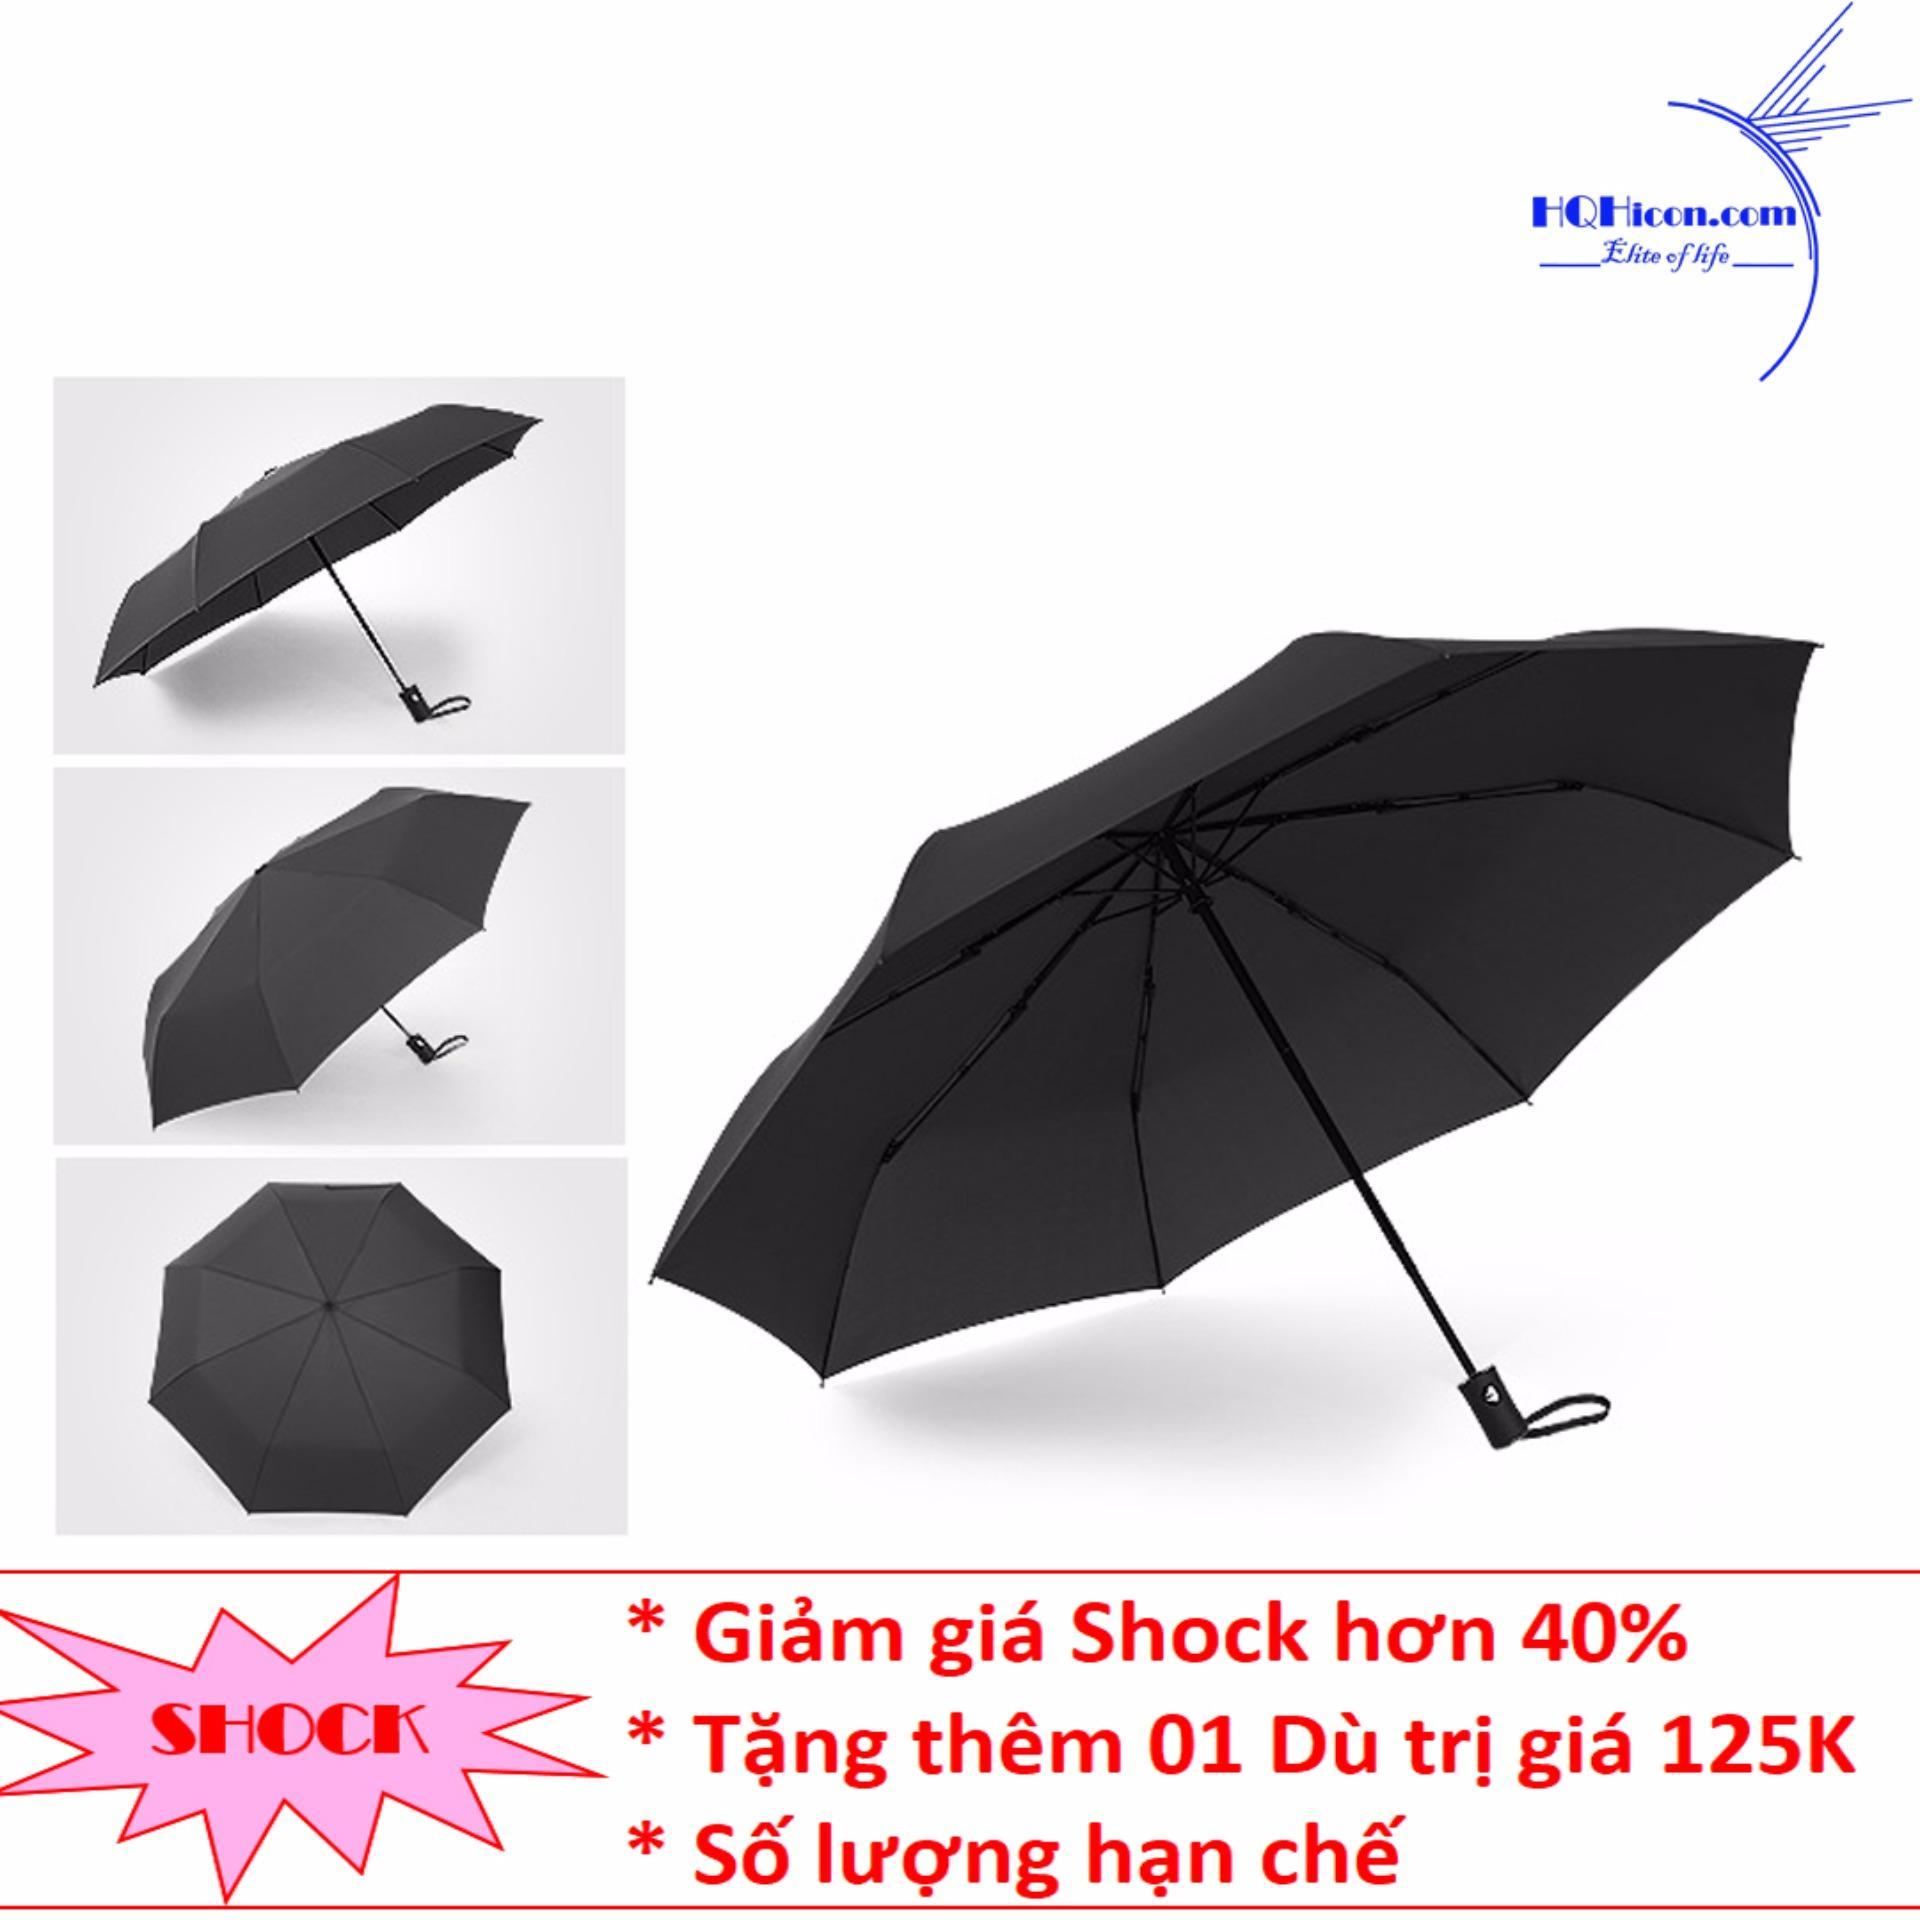 Dù / Ô đi mưa, nắng cao cấp, tiện lợi HQHicon – Ô-002-Đen